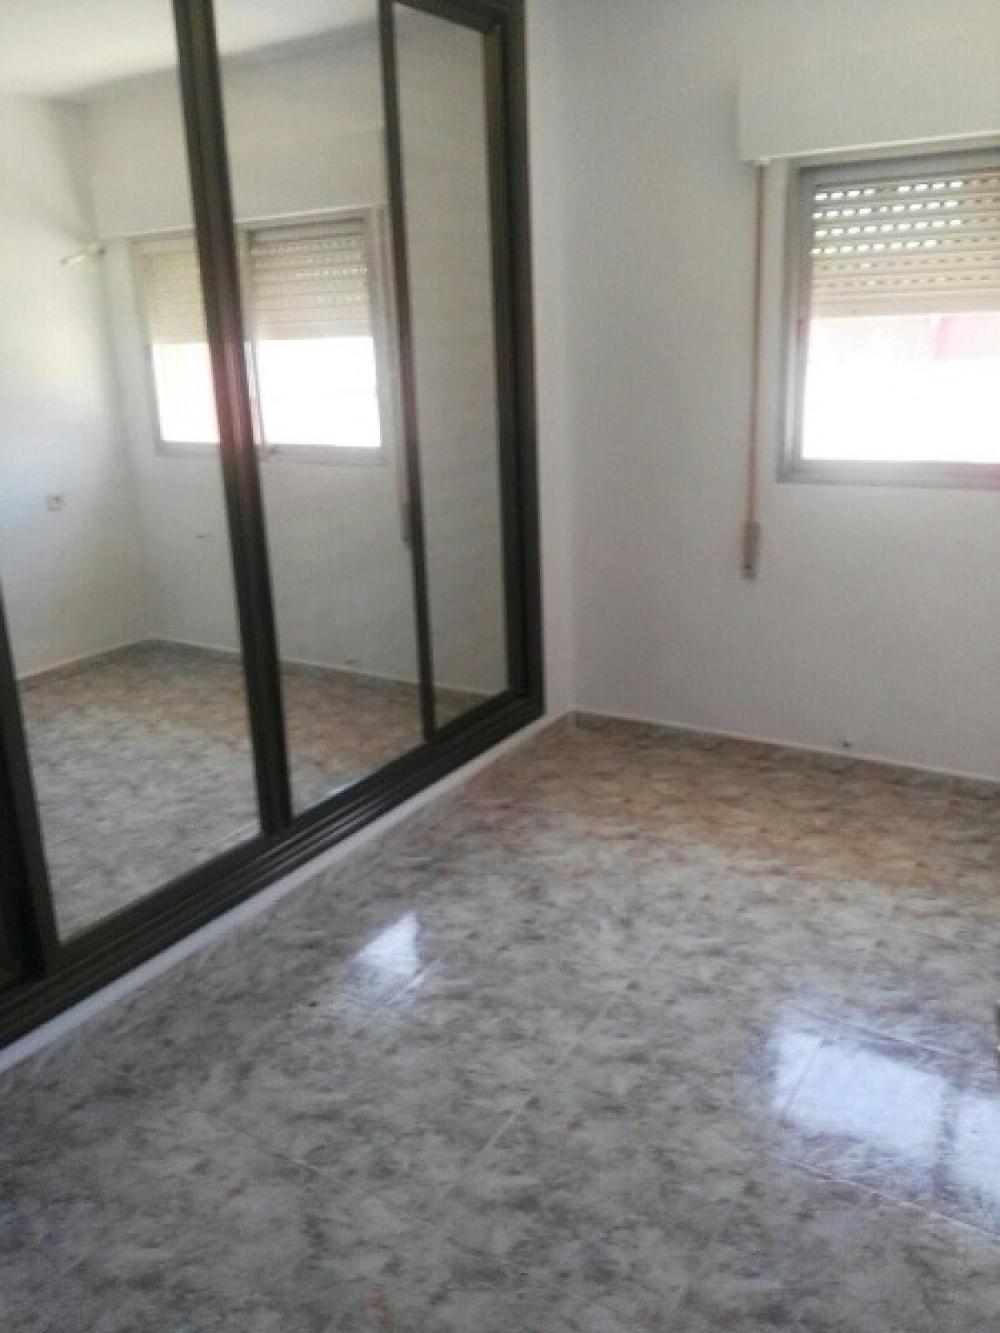 hortaleza-canillas madrid piso foto 3845529